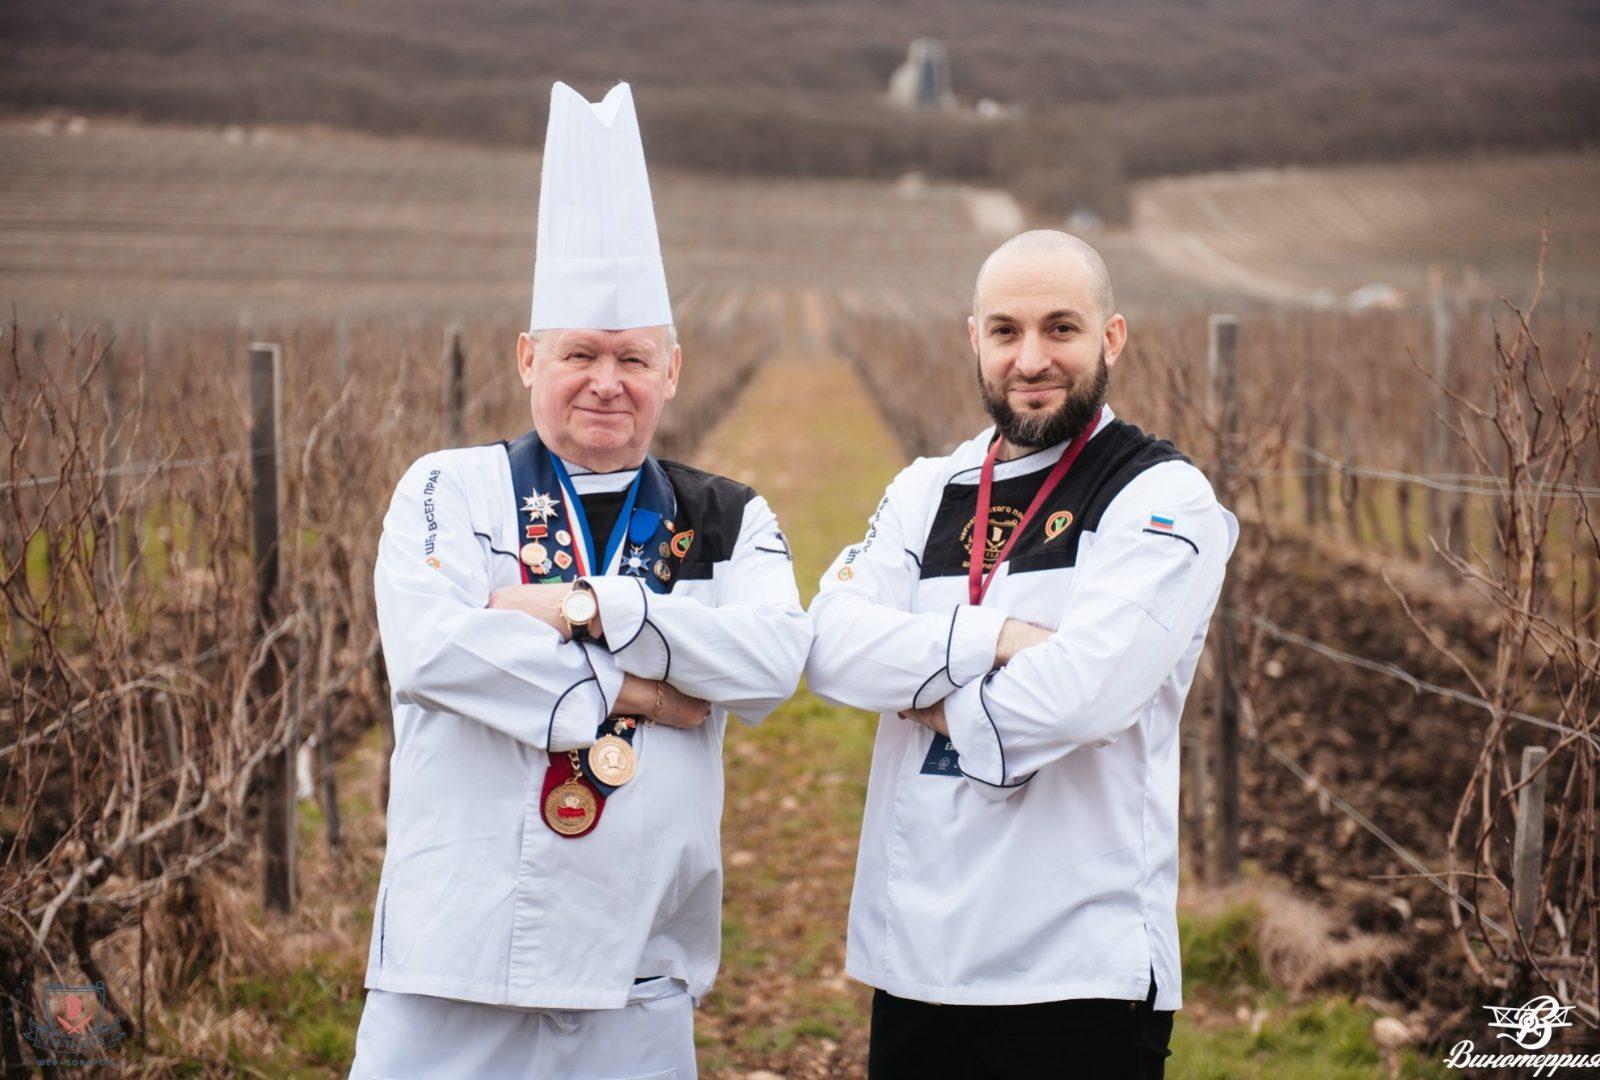 vinoterria-chefsandwine-31